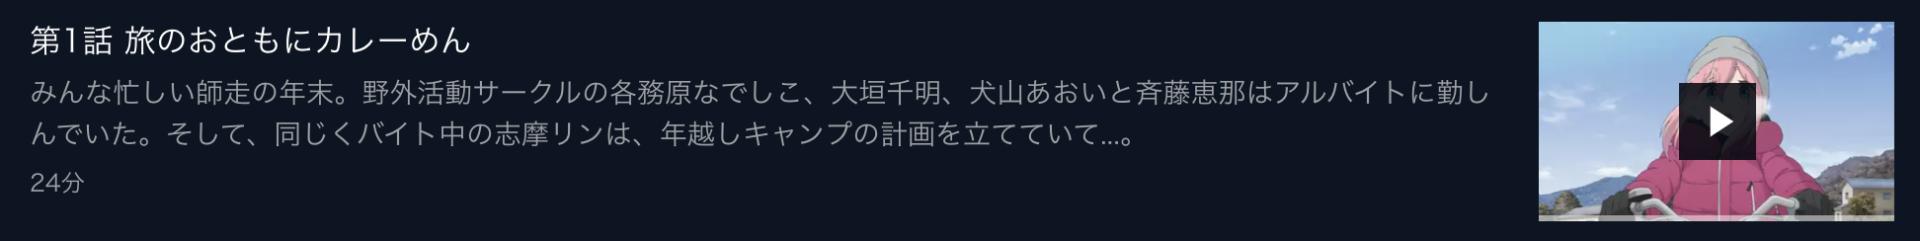 ゆるキャン△アニメ